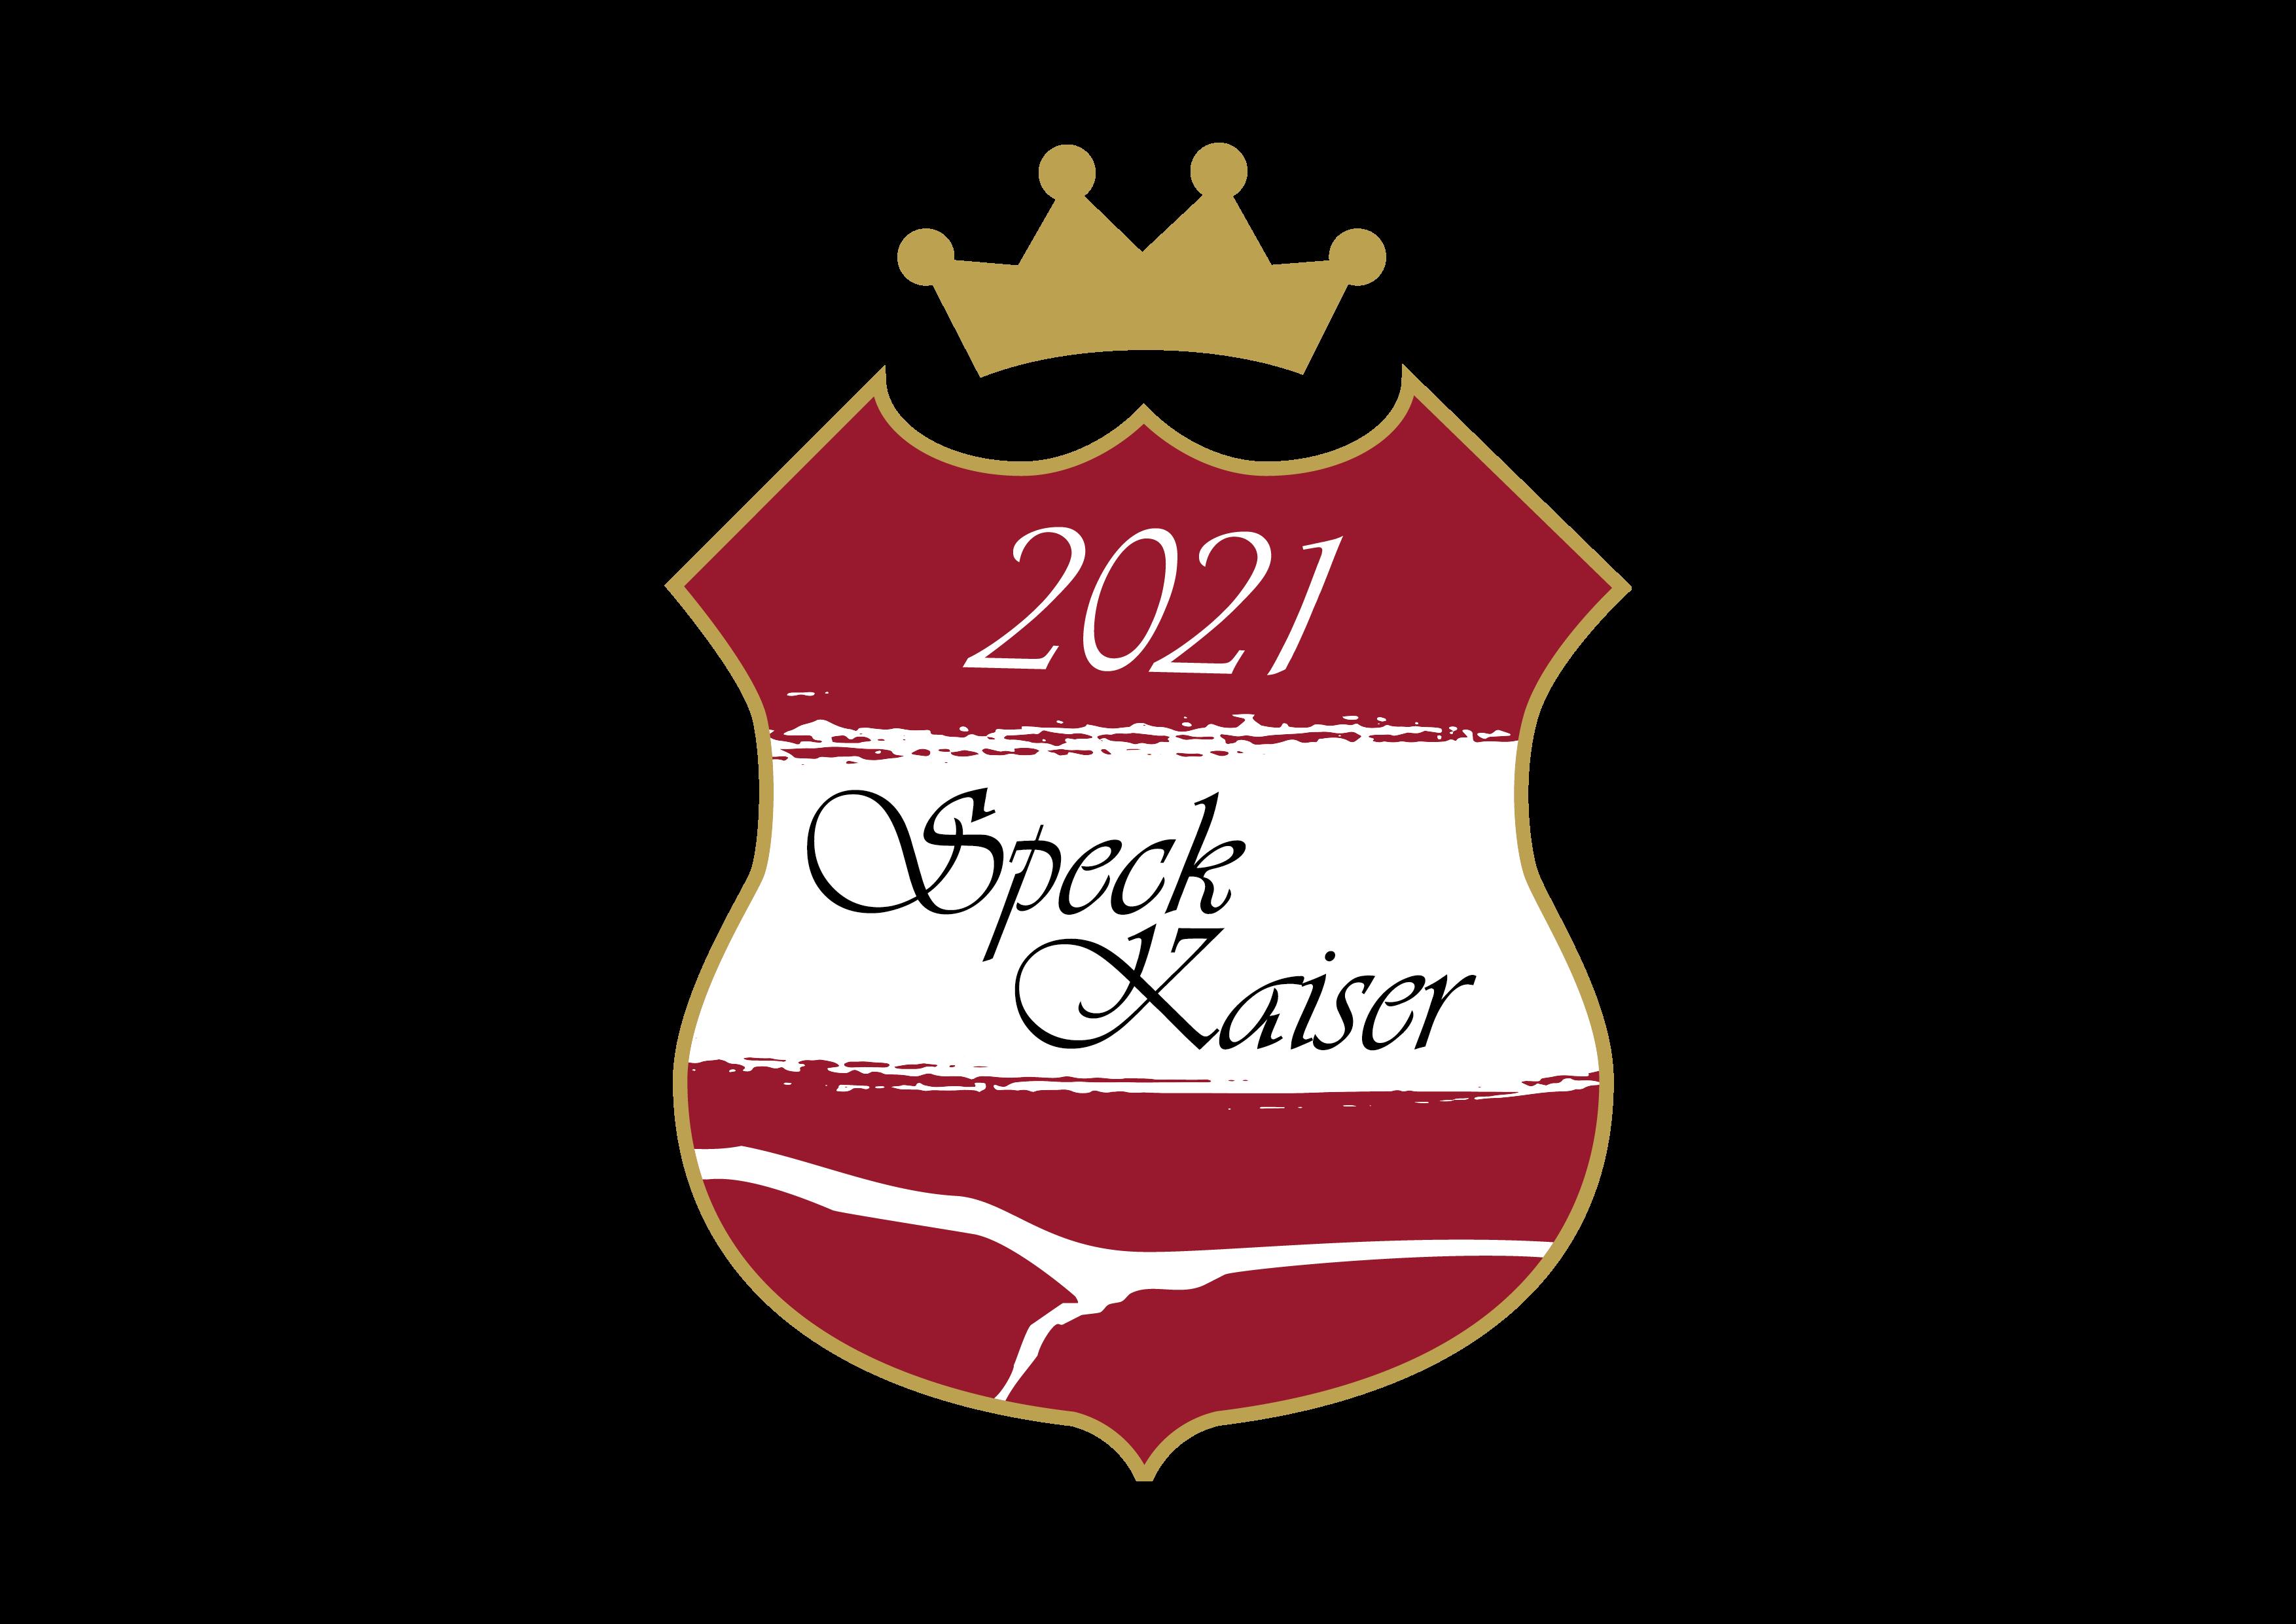 Speckkaiser 2021